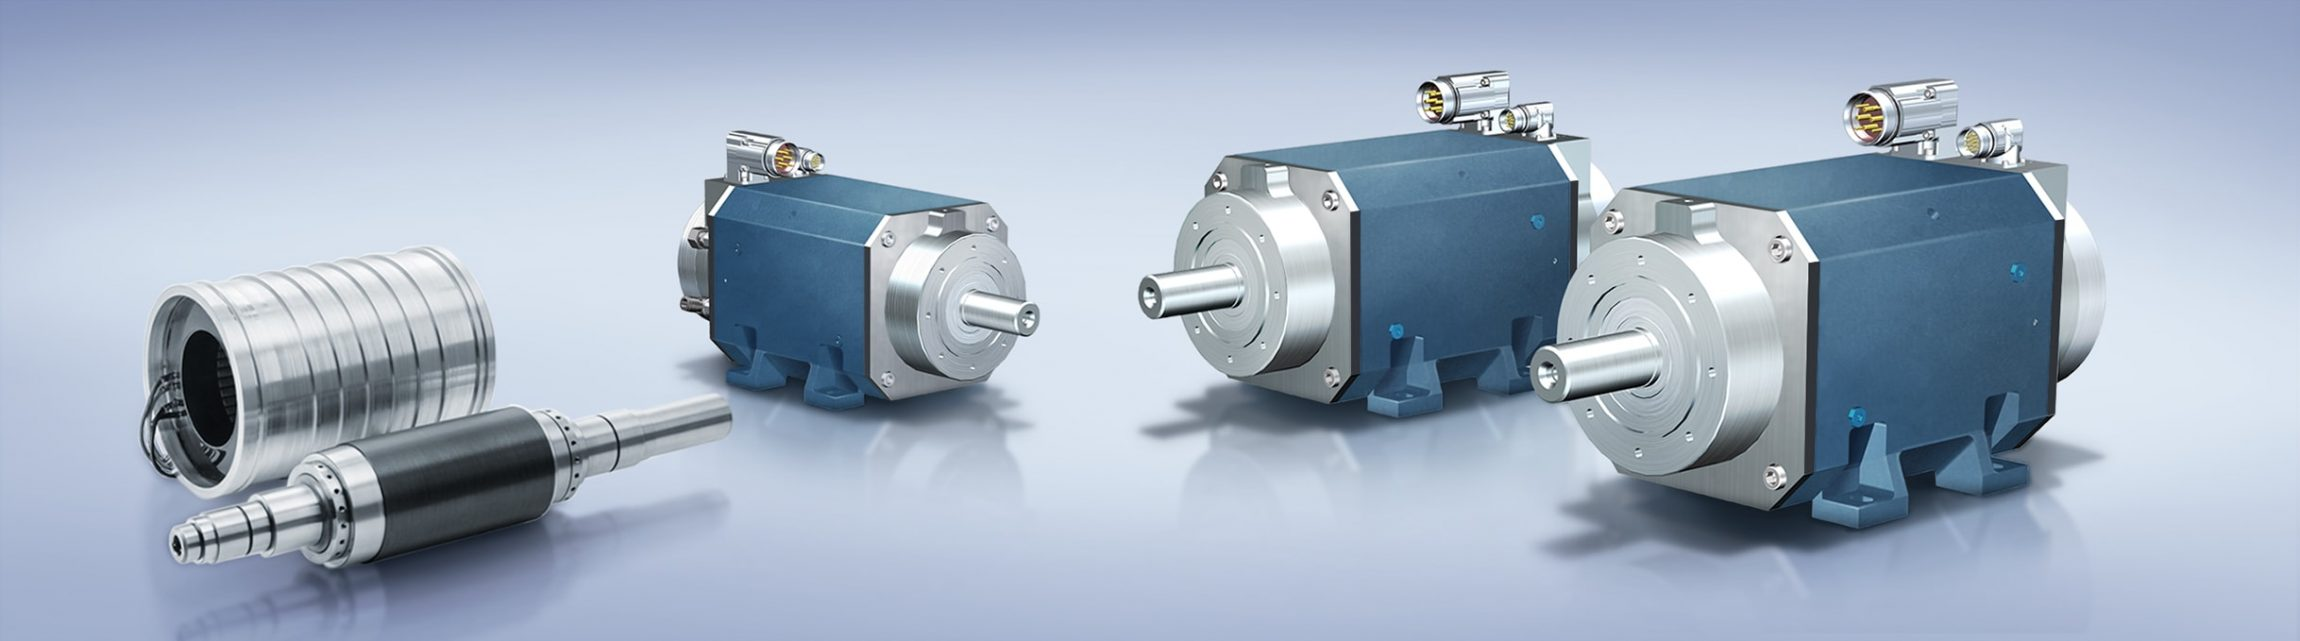 Collage-MSP-Motoren-Einbauelemente_2436x679_Web_neu-2300x641